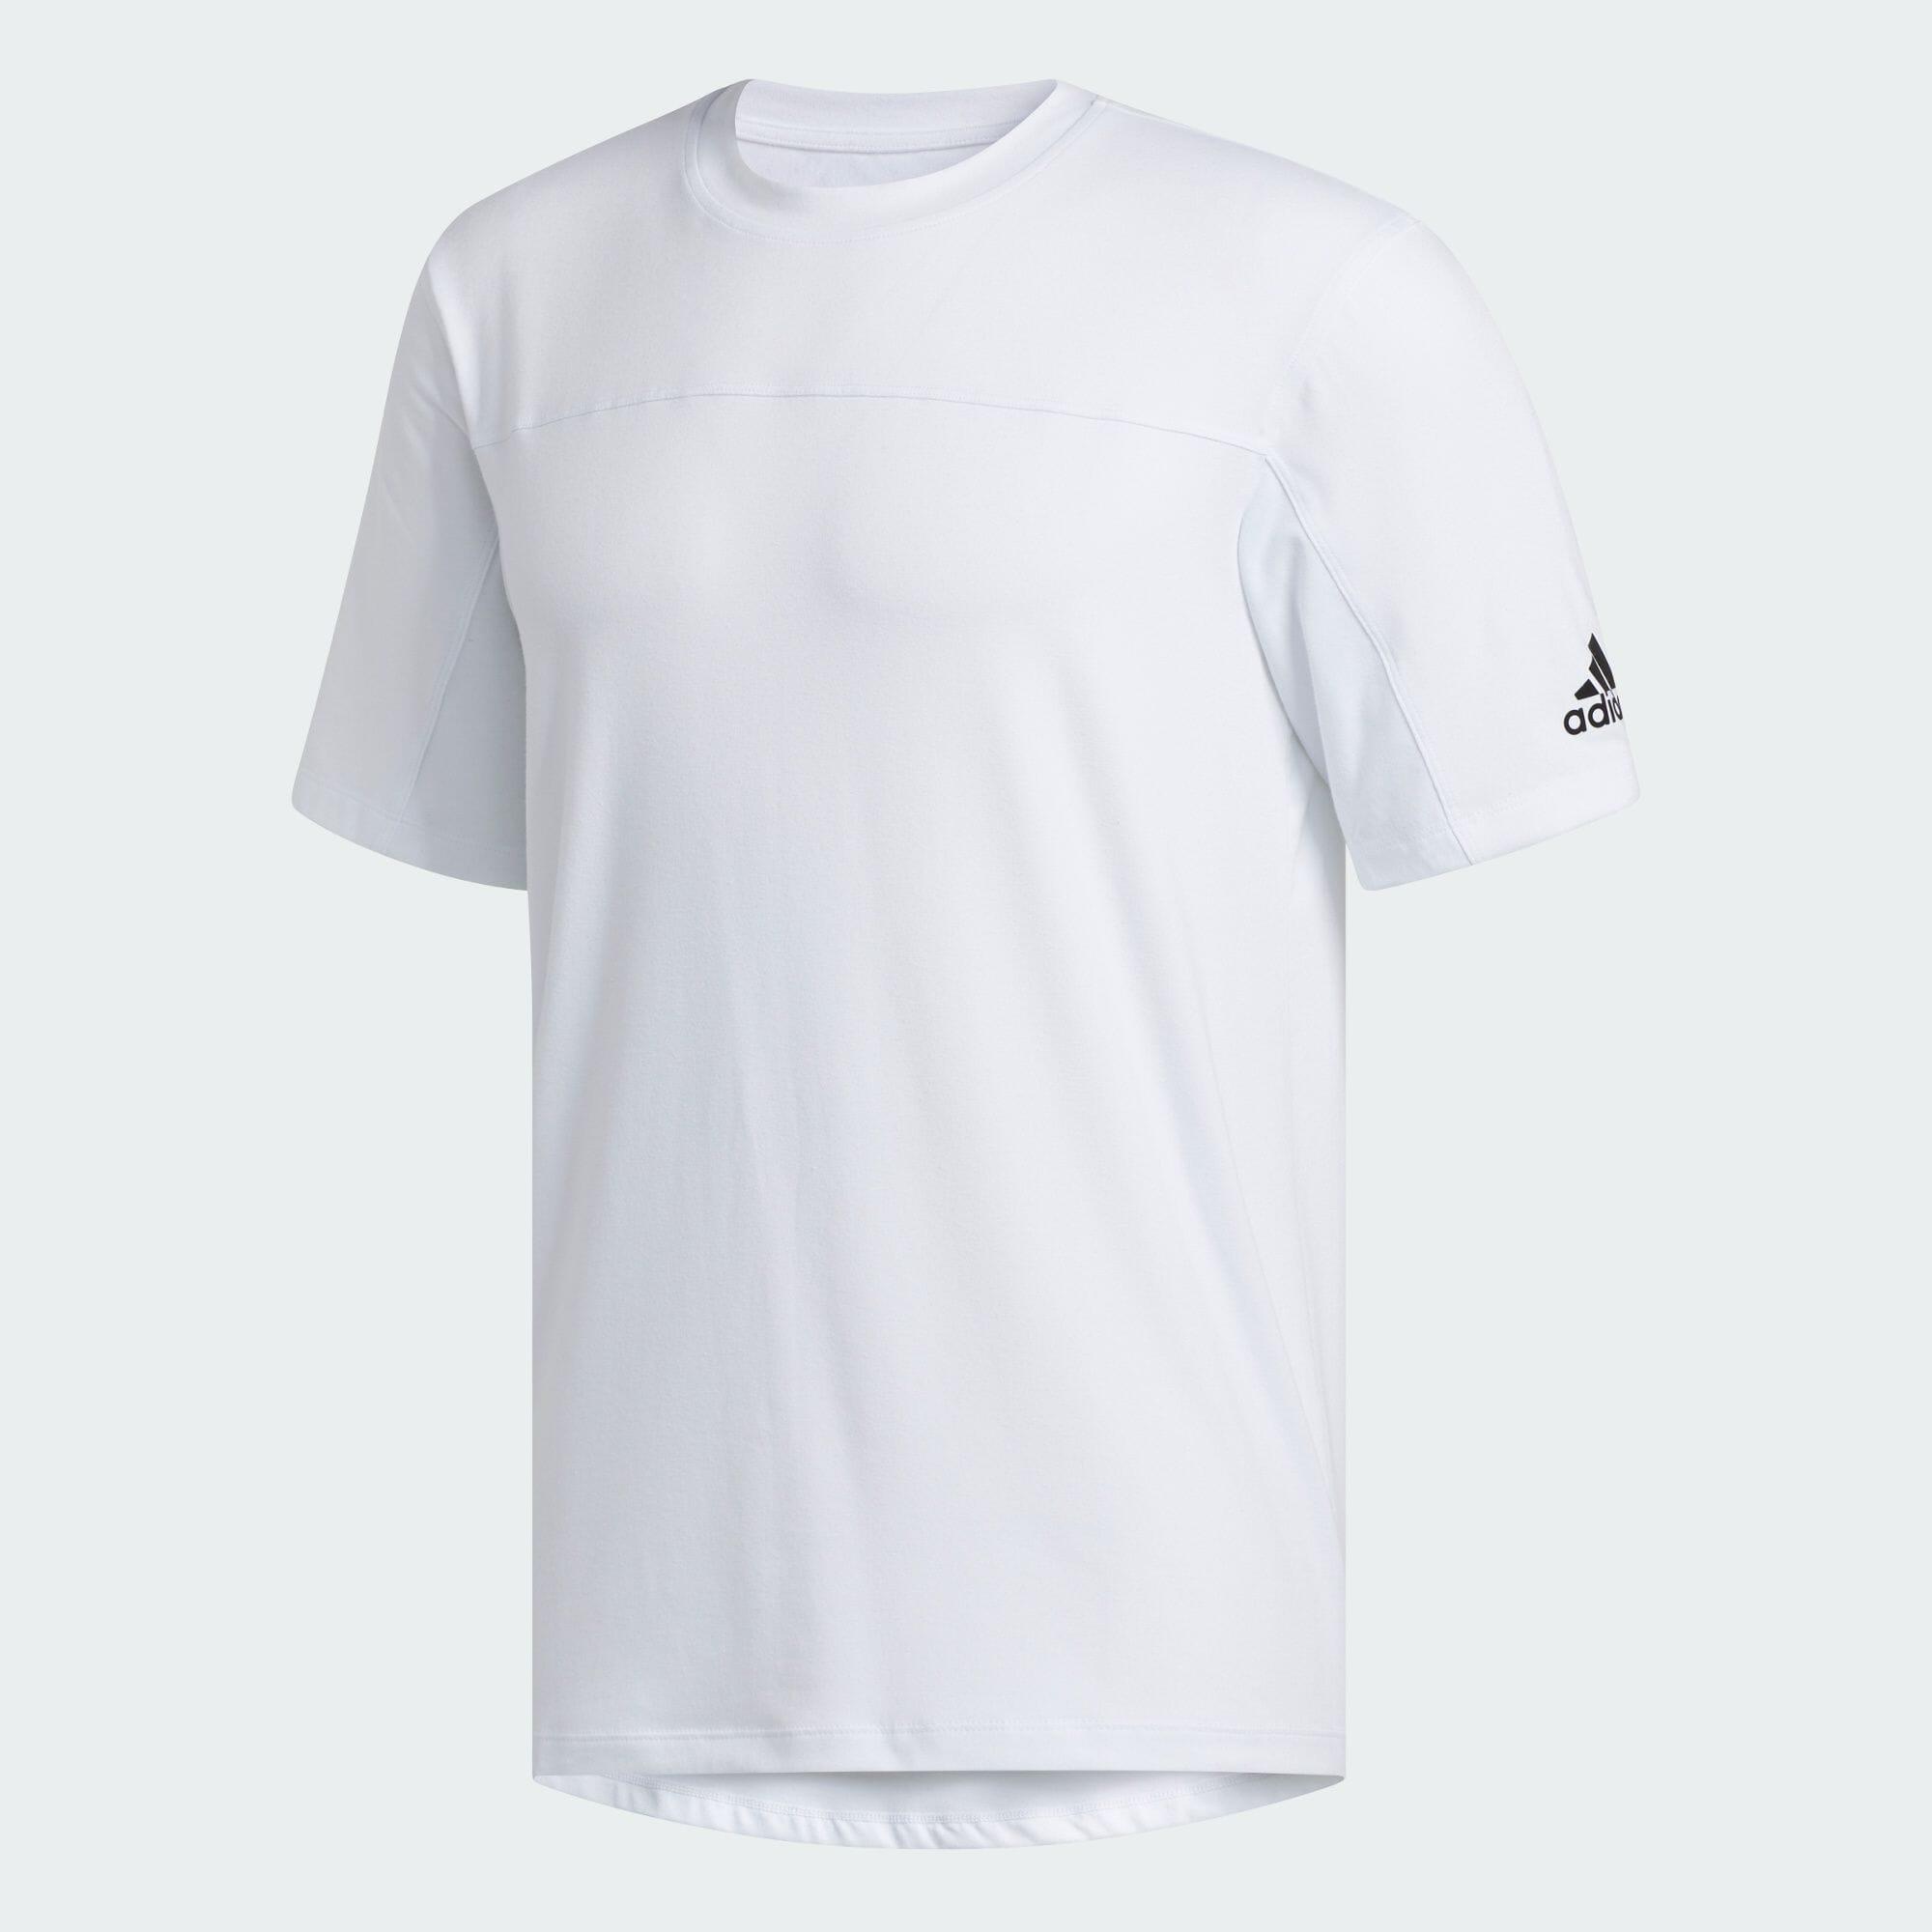 シティベース 半袖Tシャツ / City Base Tee